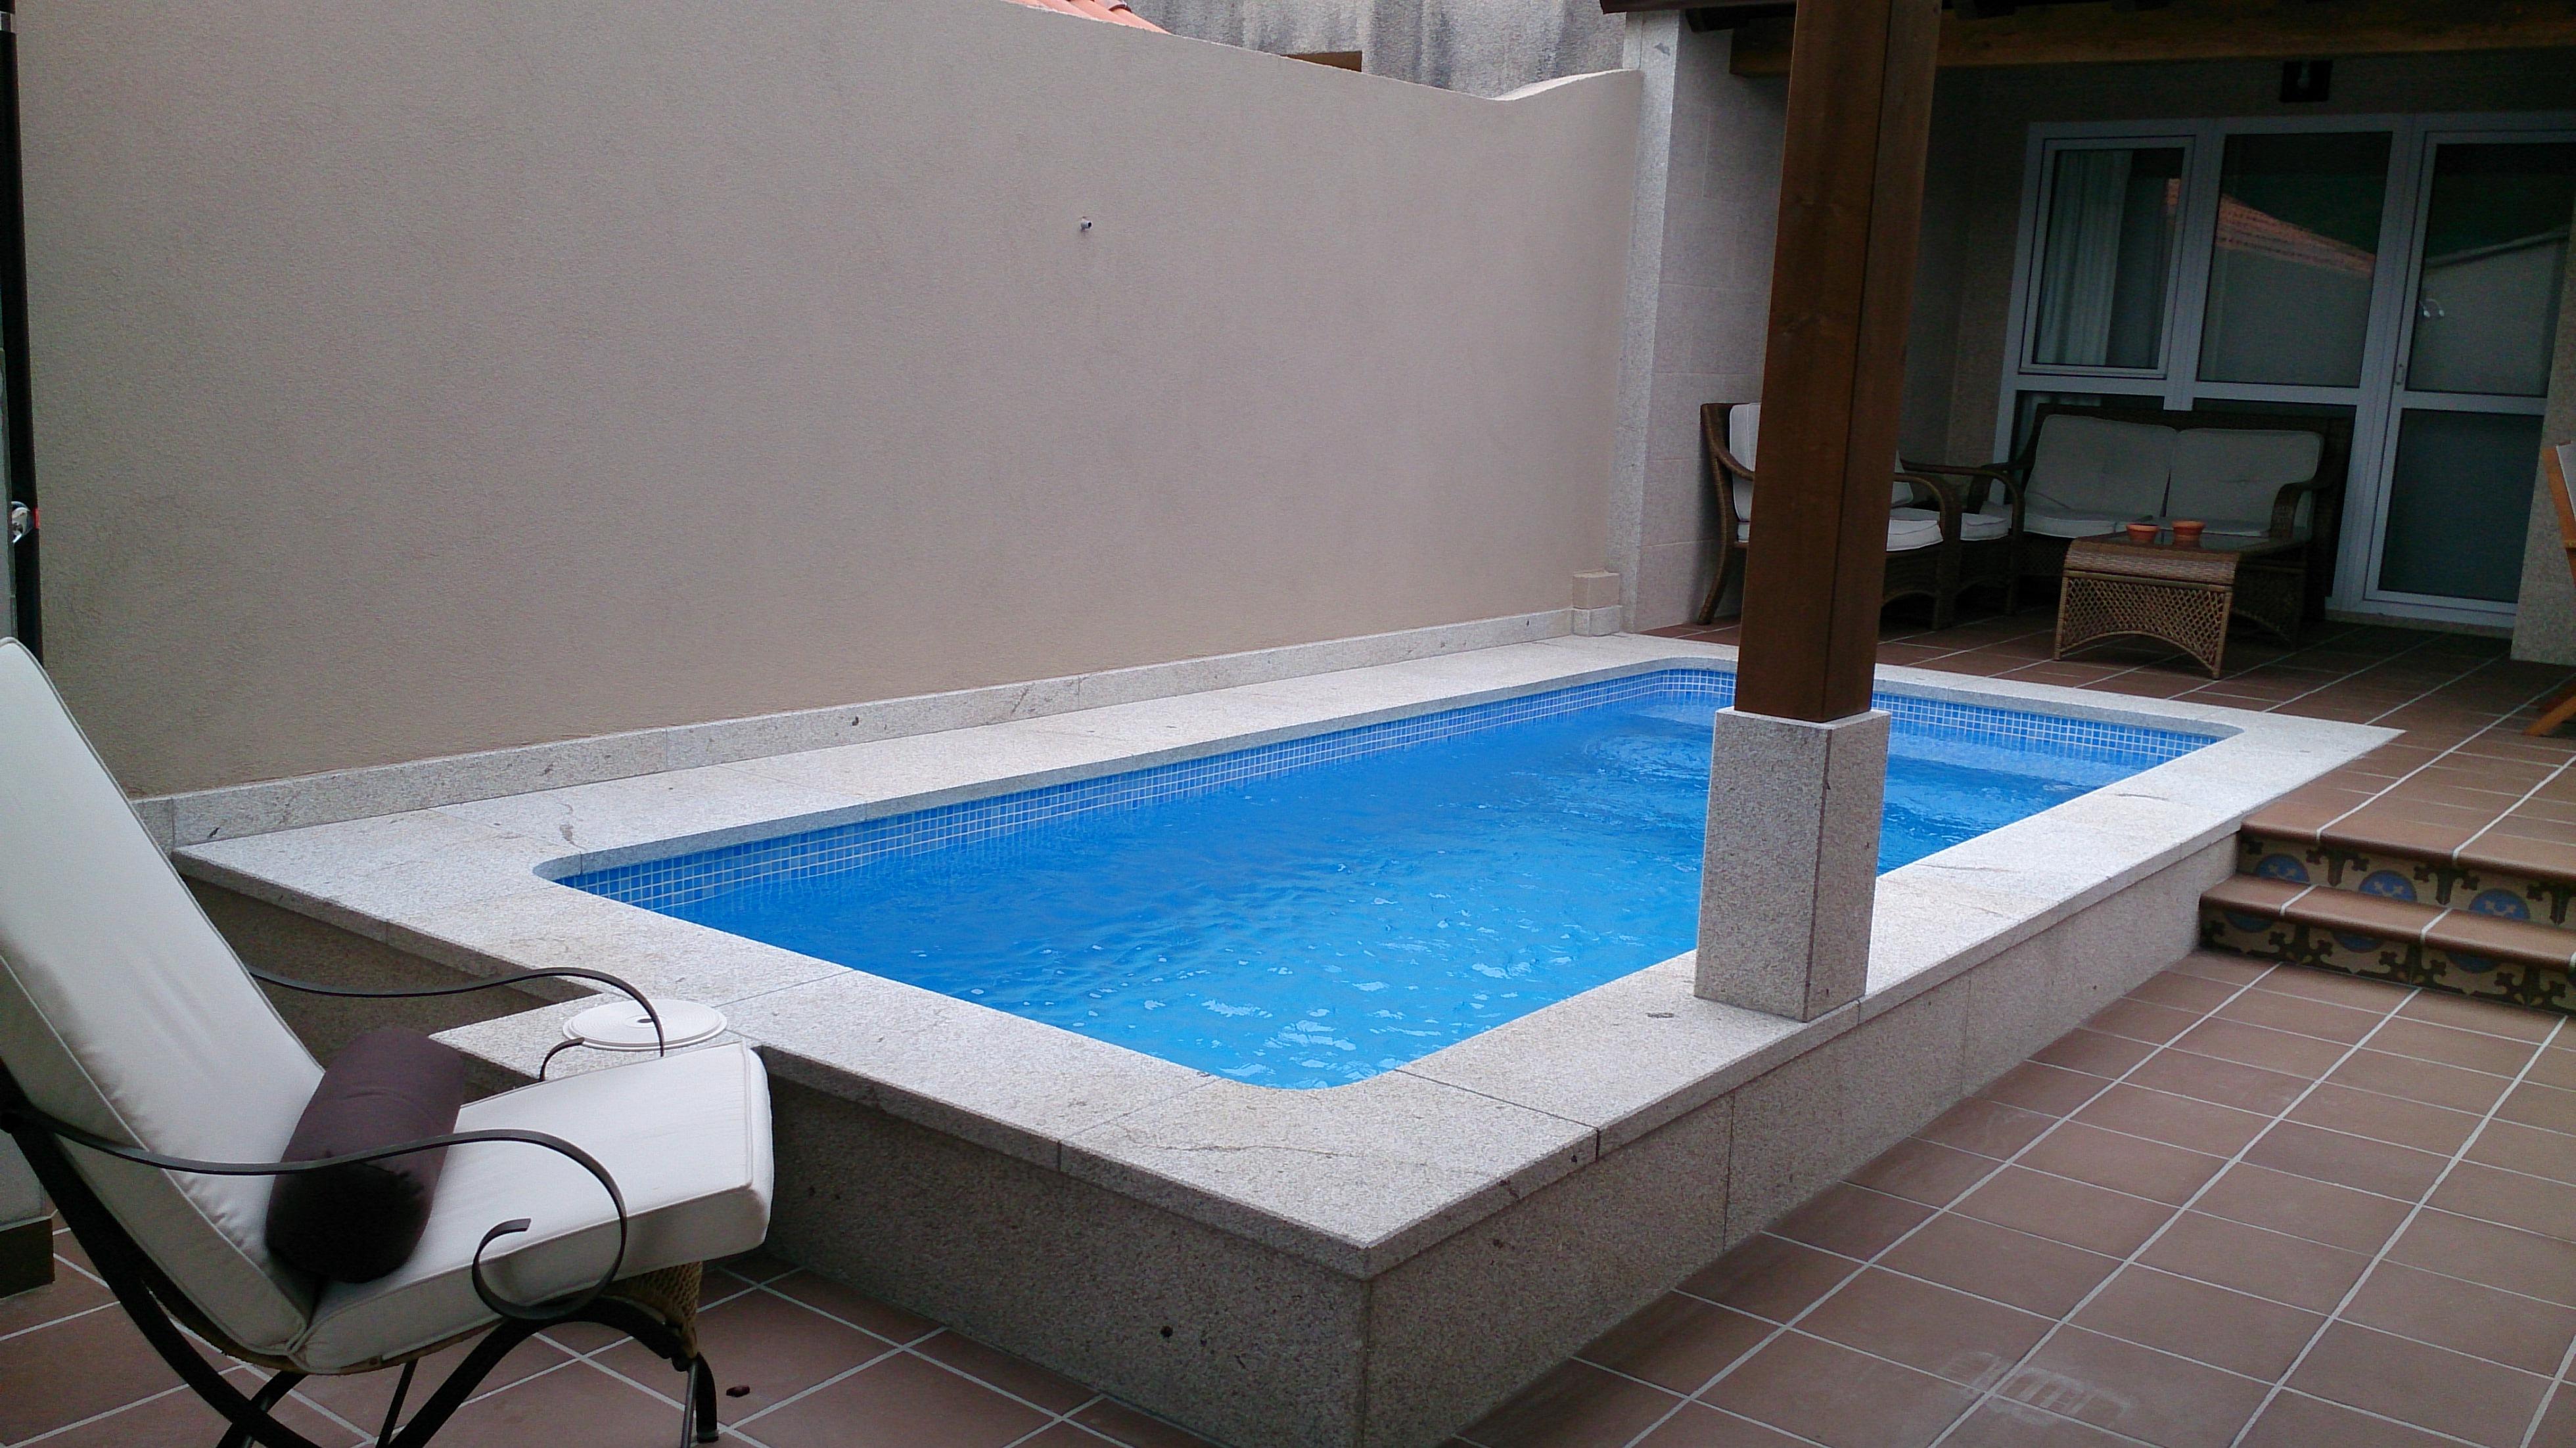 Piscinas salnes piscinas de hormigon for Piscina 4 x 2